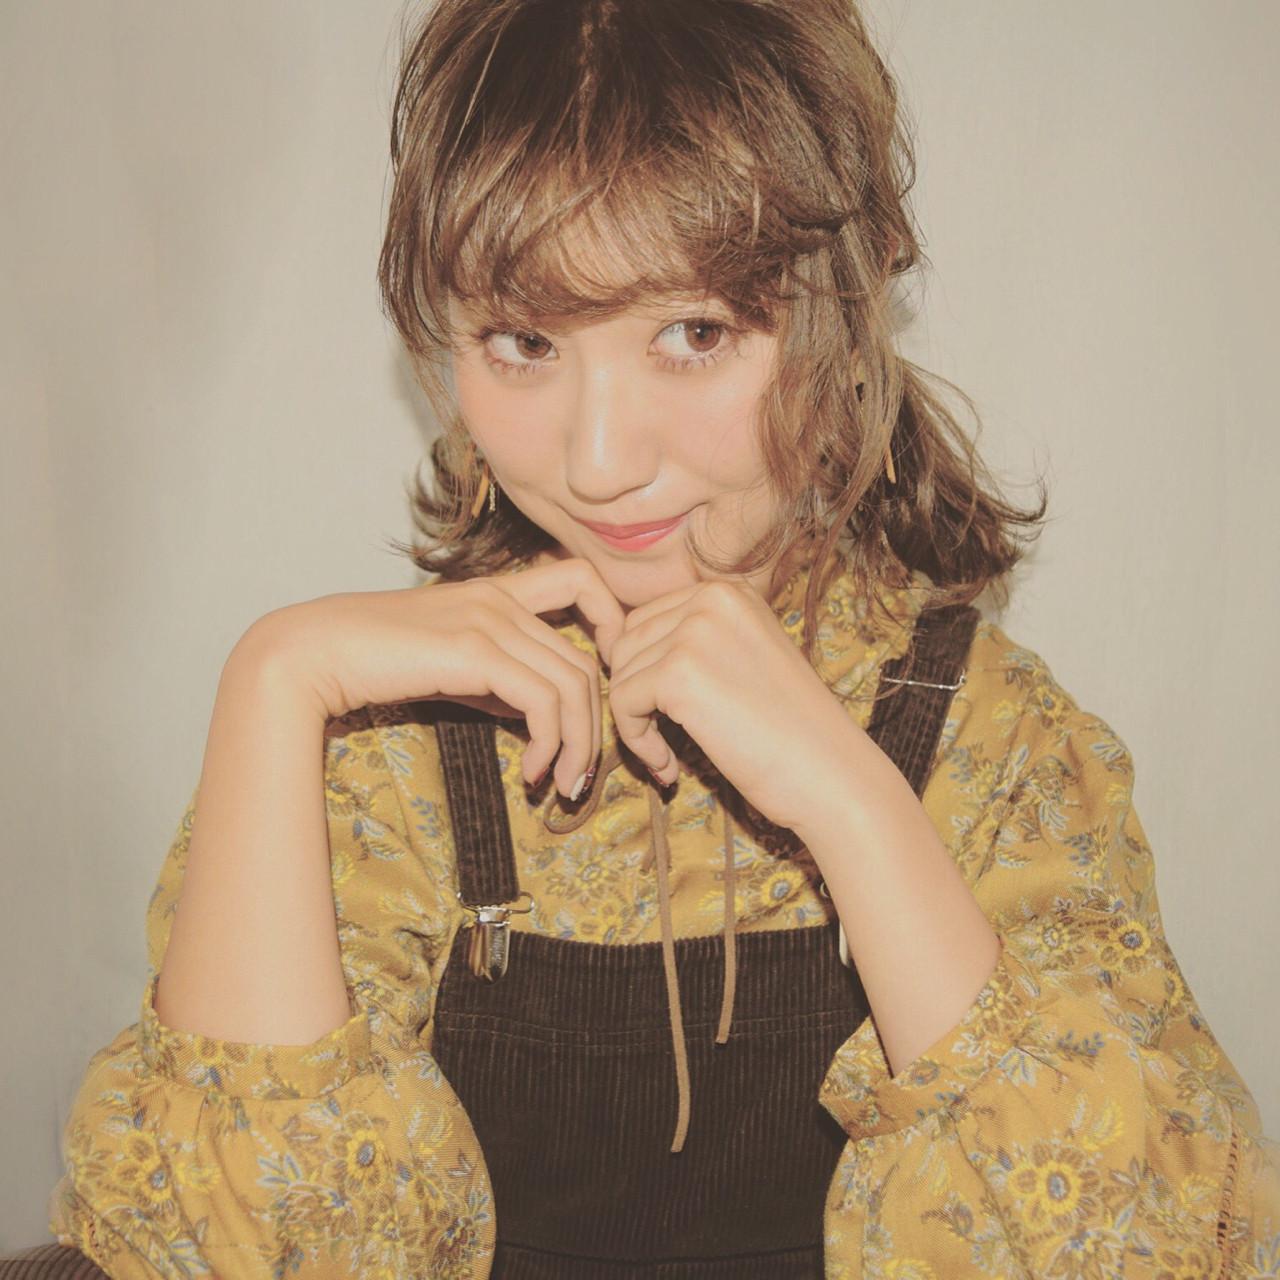 ヘアアレンジ 色気 大人かわいい ツインテール ヘアスタイルや髪型の写真・画像 | 徳田 誠也 / HOEKHOEK